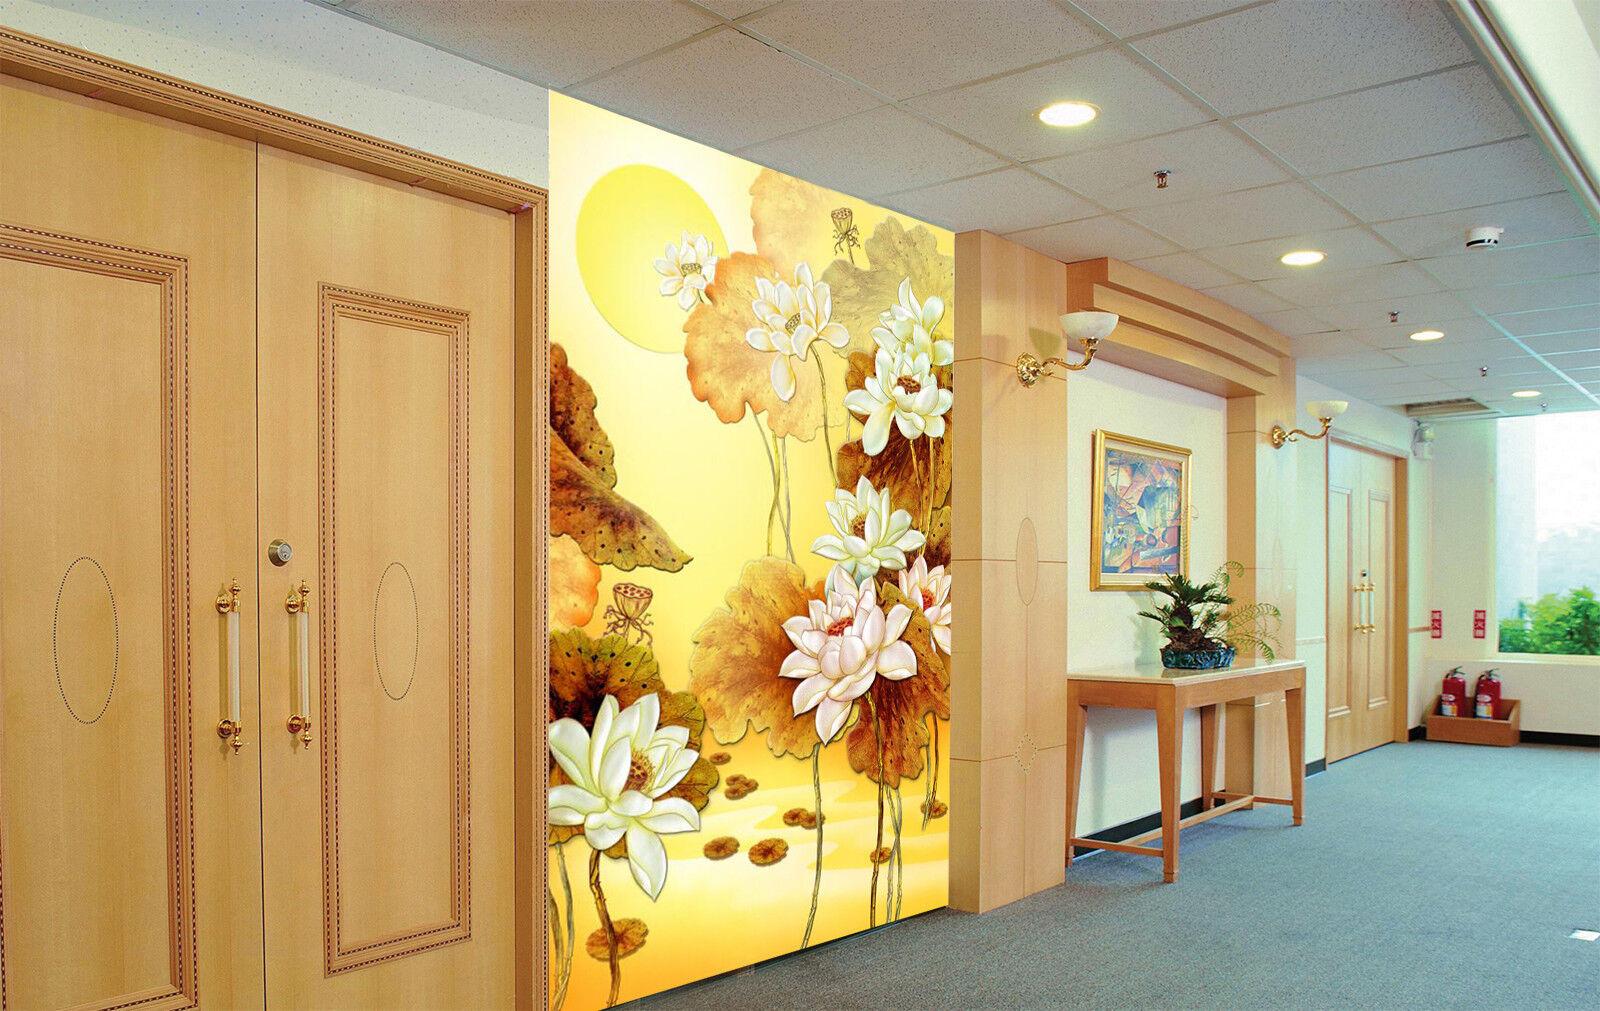 3D Golden Flowers Moon 88 Wallpaper Mural Paper Wall Print Wallpaper Murals UK